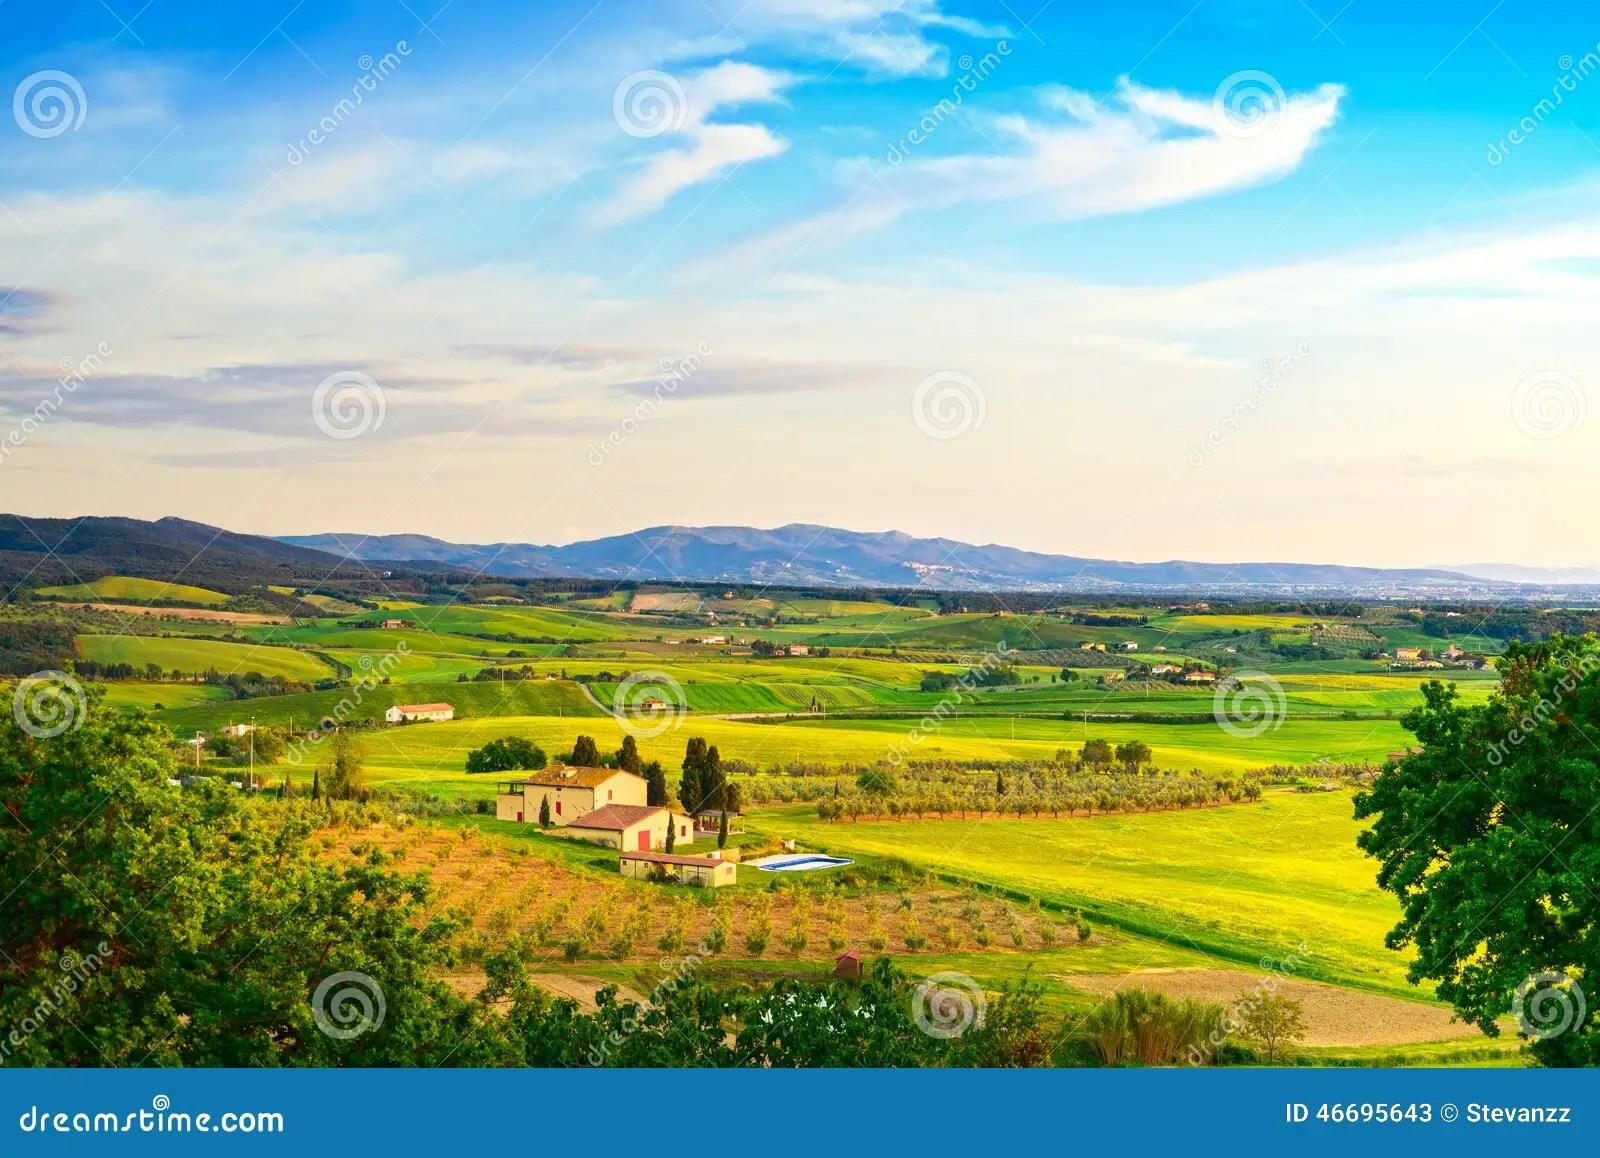 Maremma Paesaggio Rurale Di Tramonto E Immagine Stock  Immagine di campagna italiano 46695643